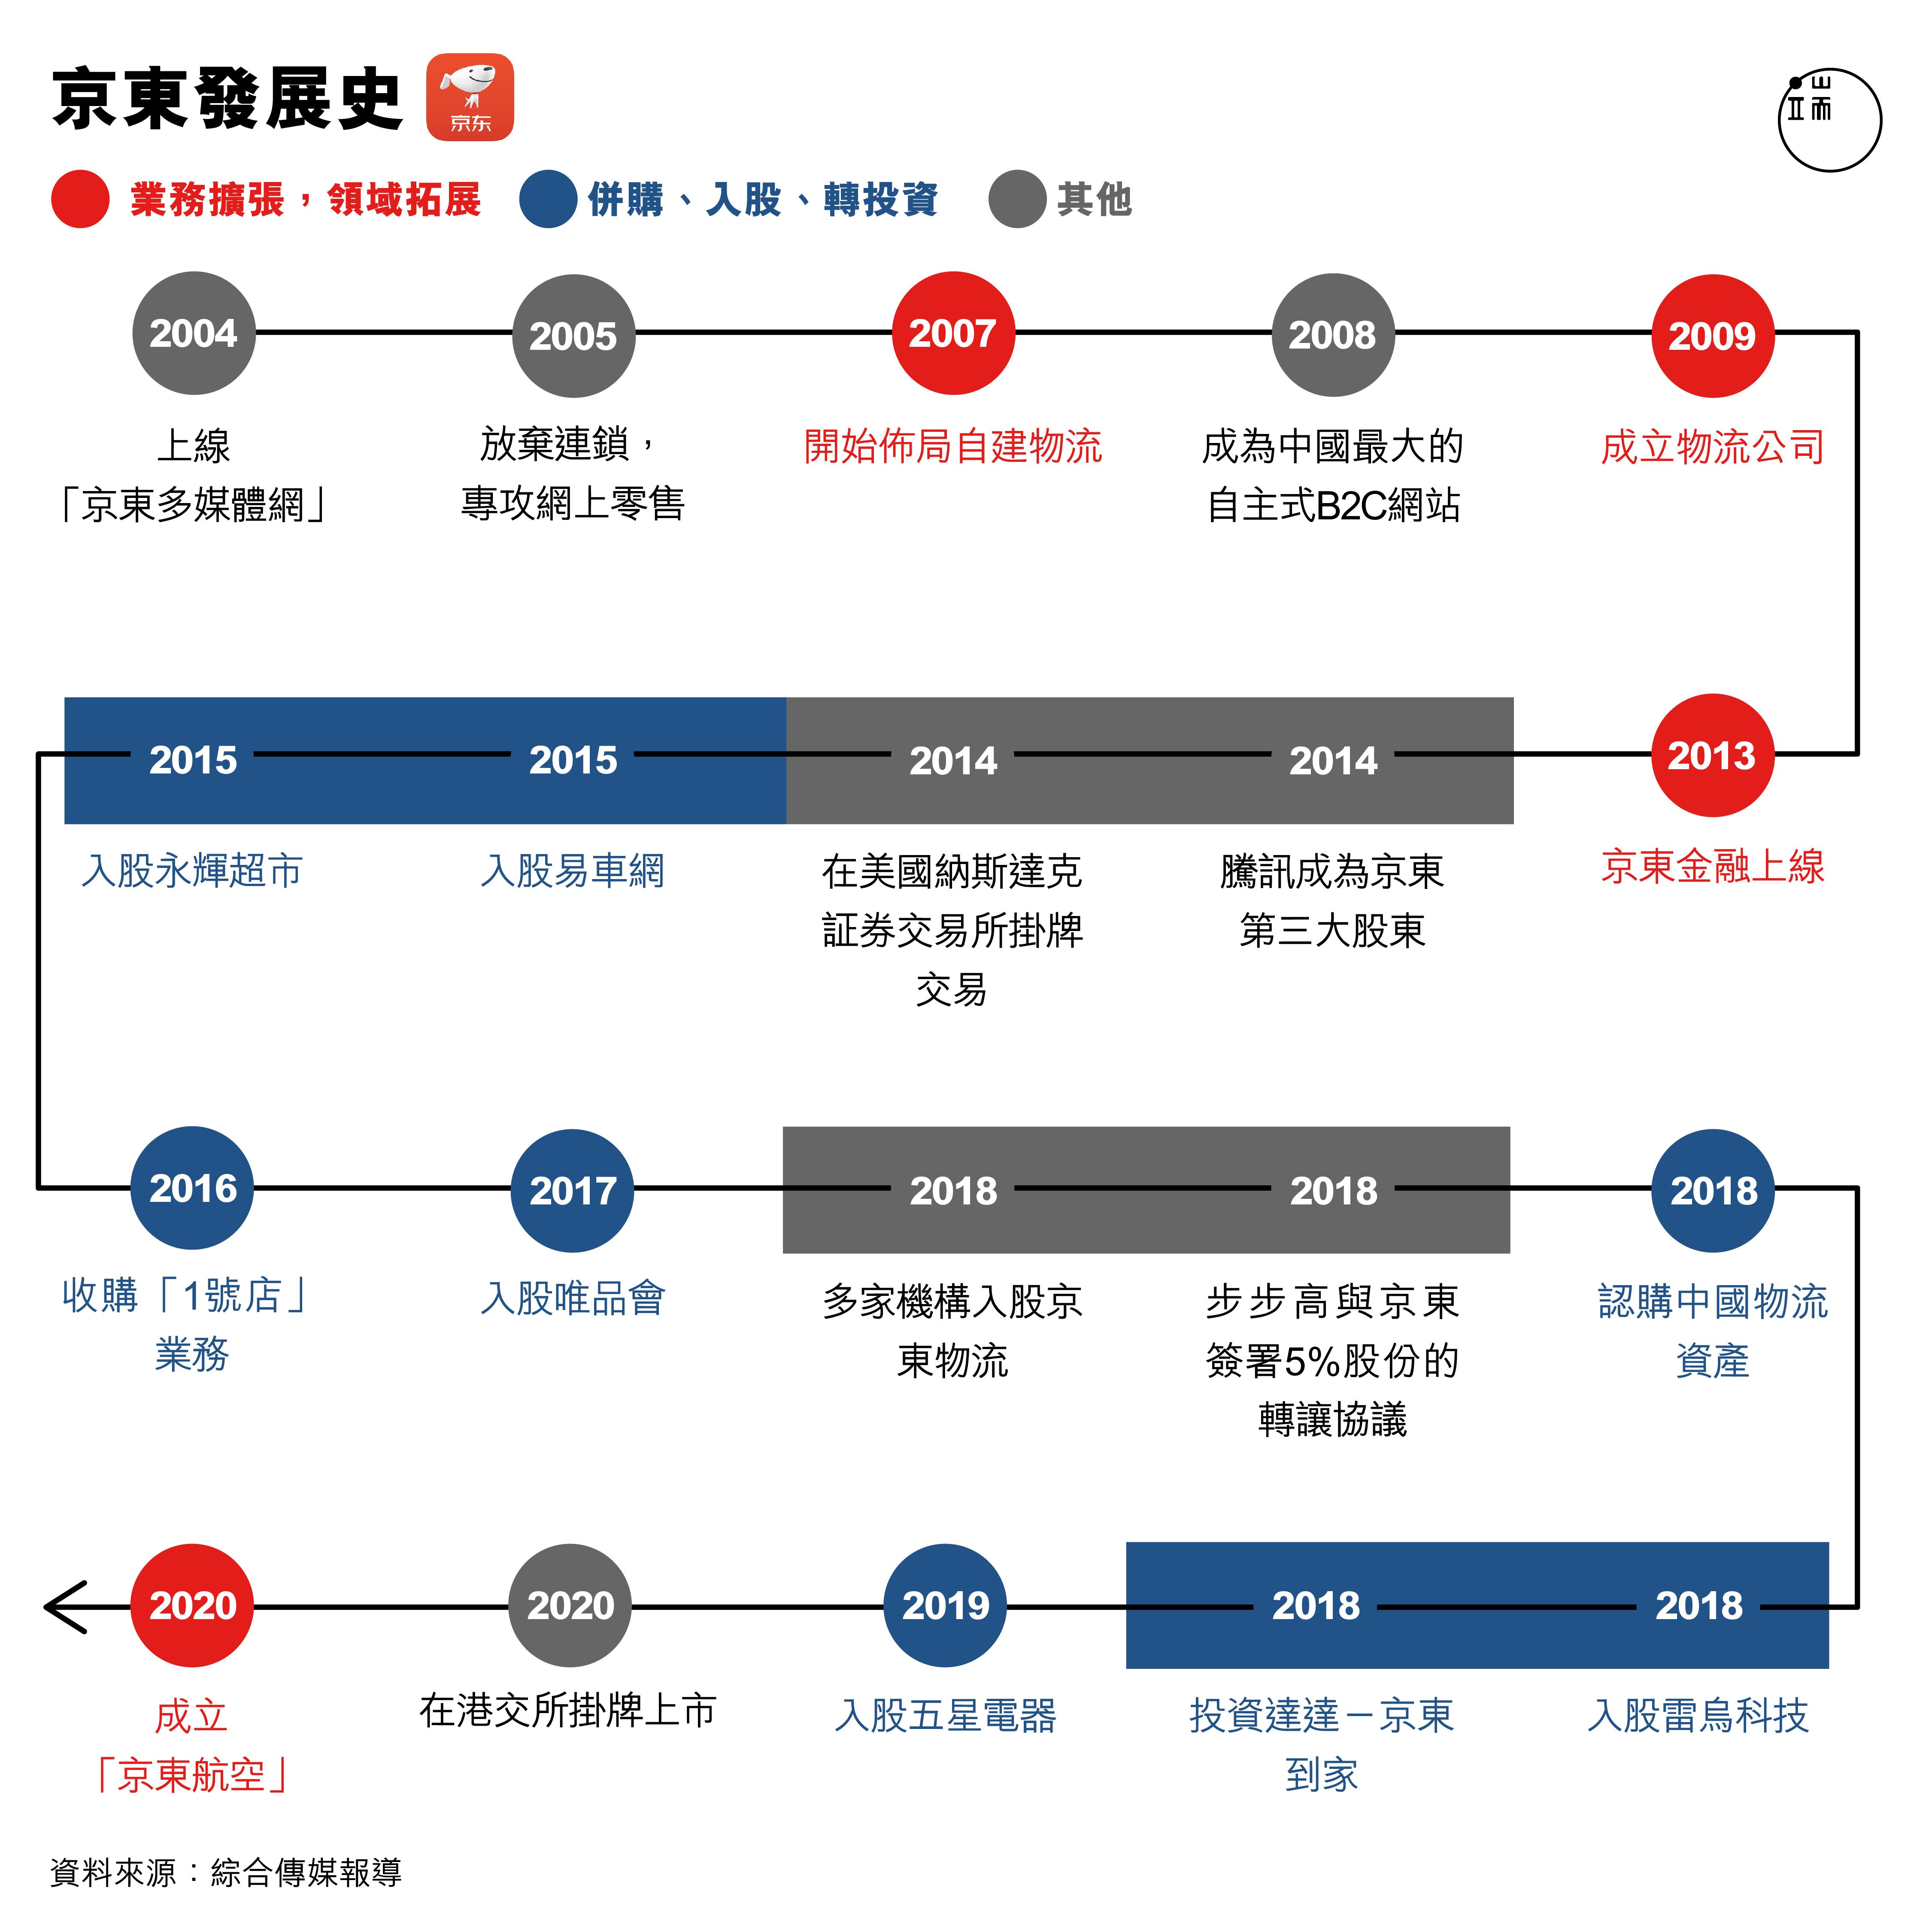 京東發展史